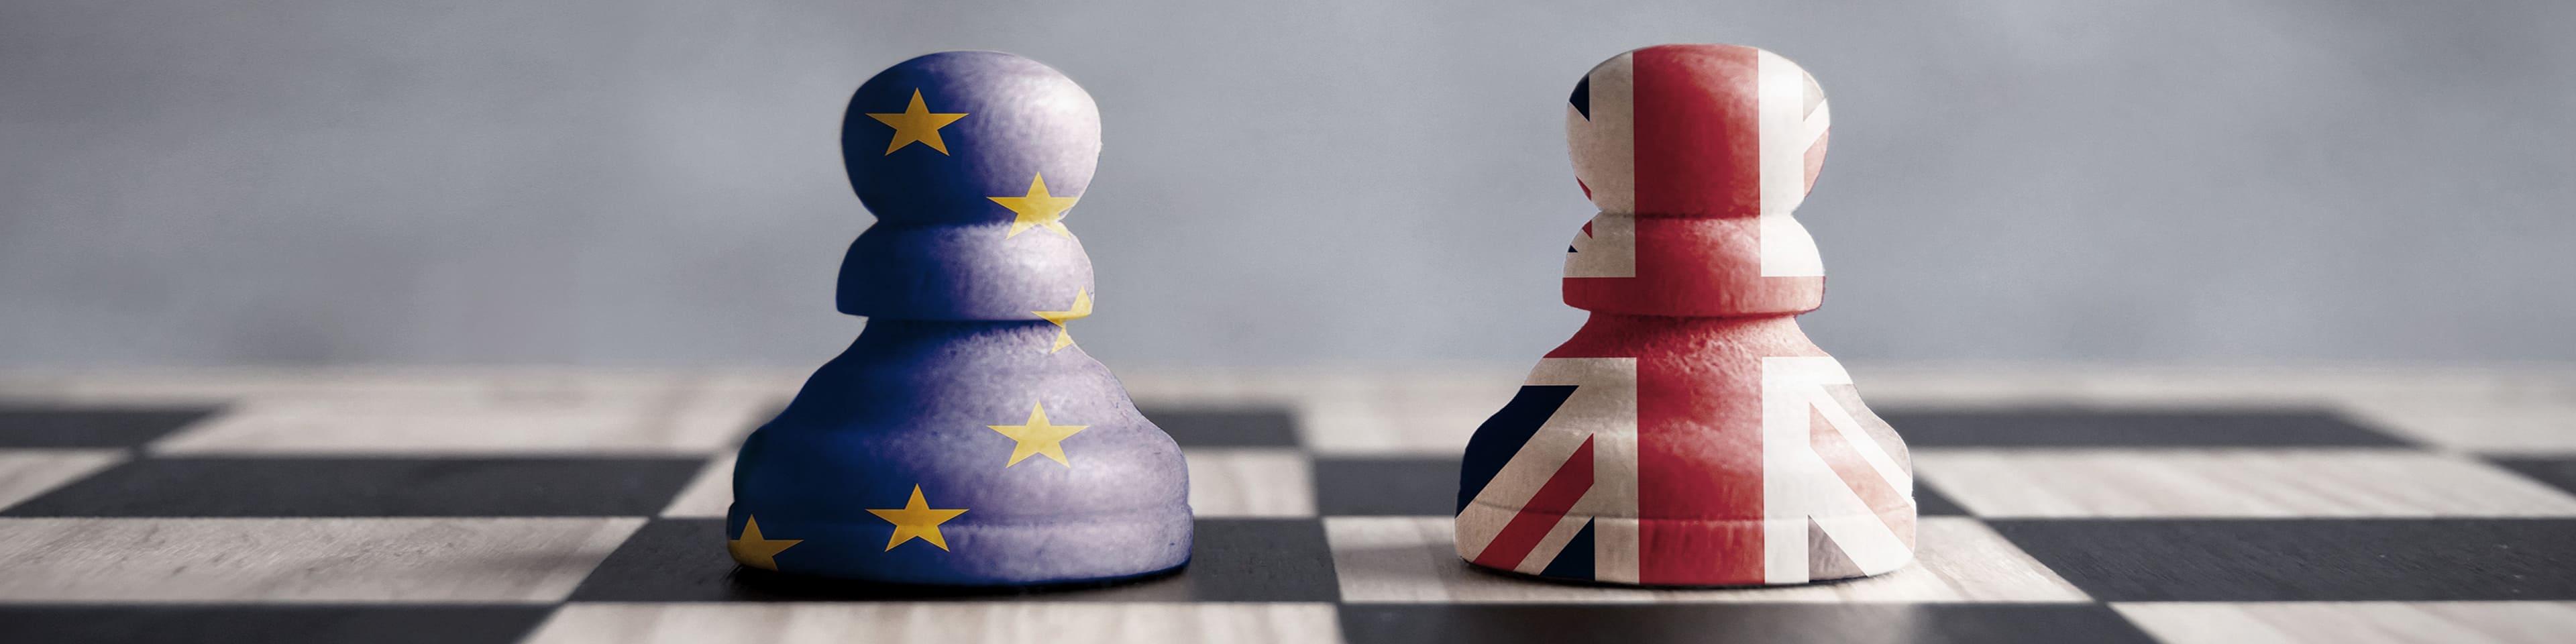 Twee schaakstukken op schaakbord